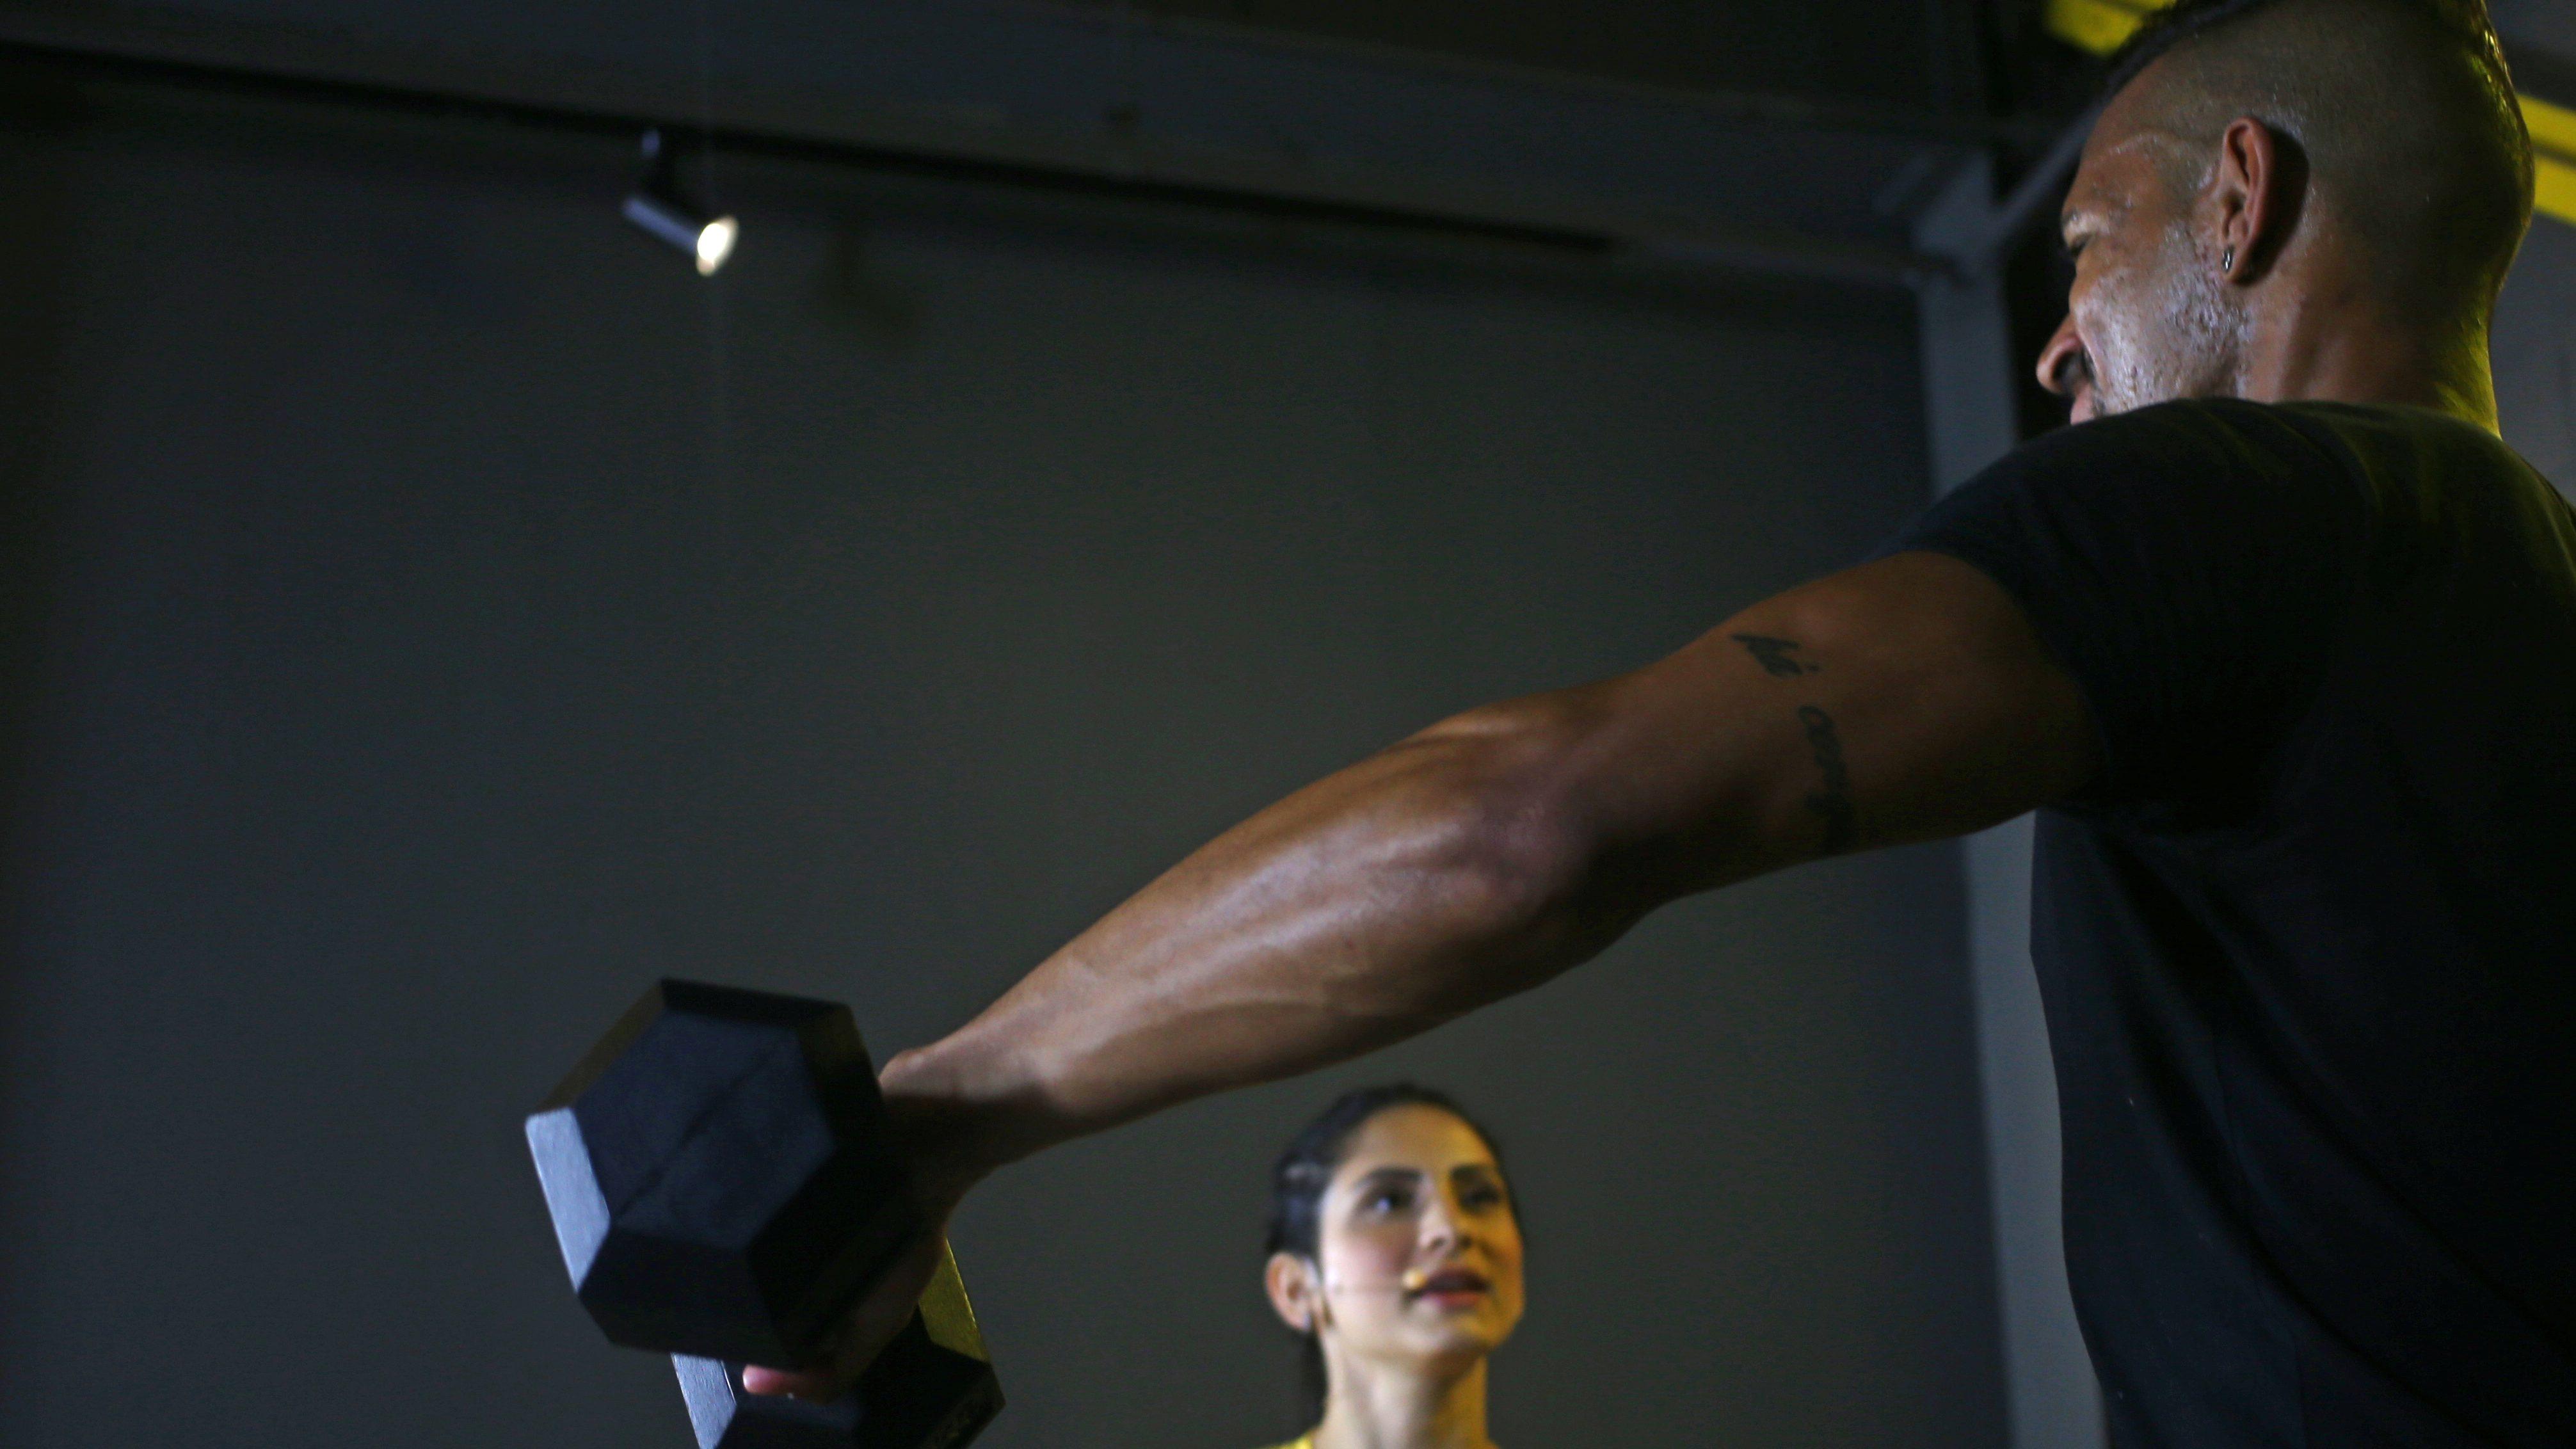 A man lifts a dumbbell.